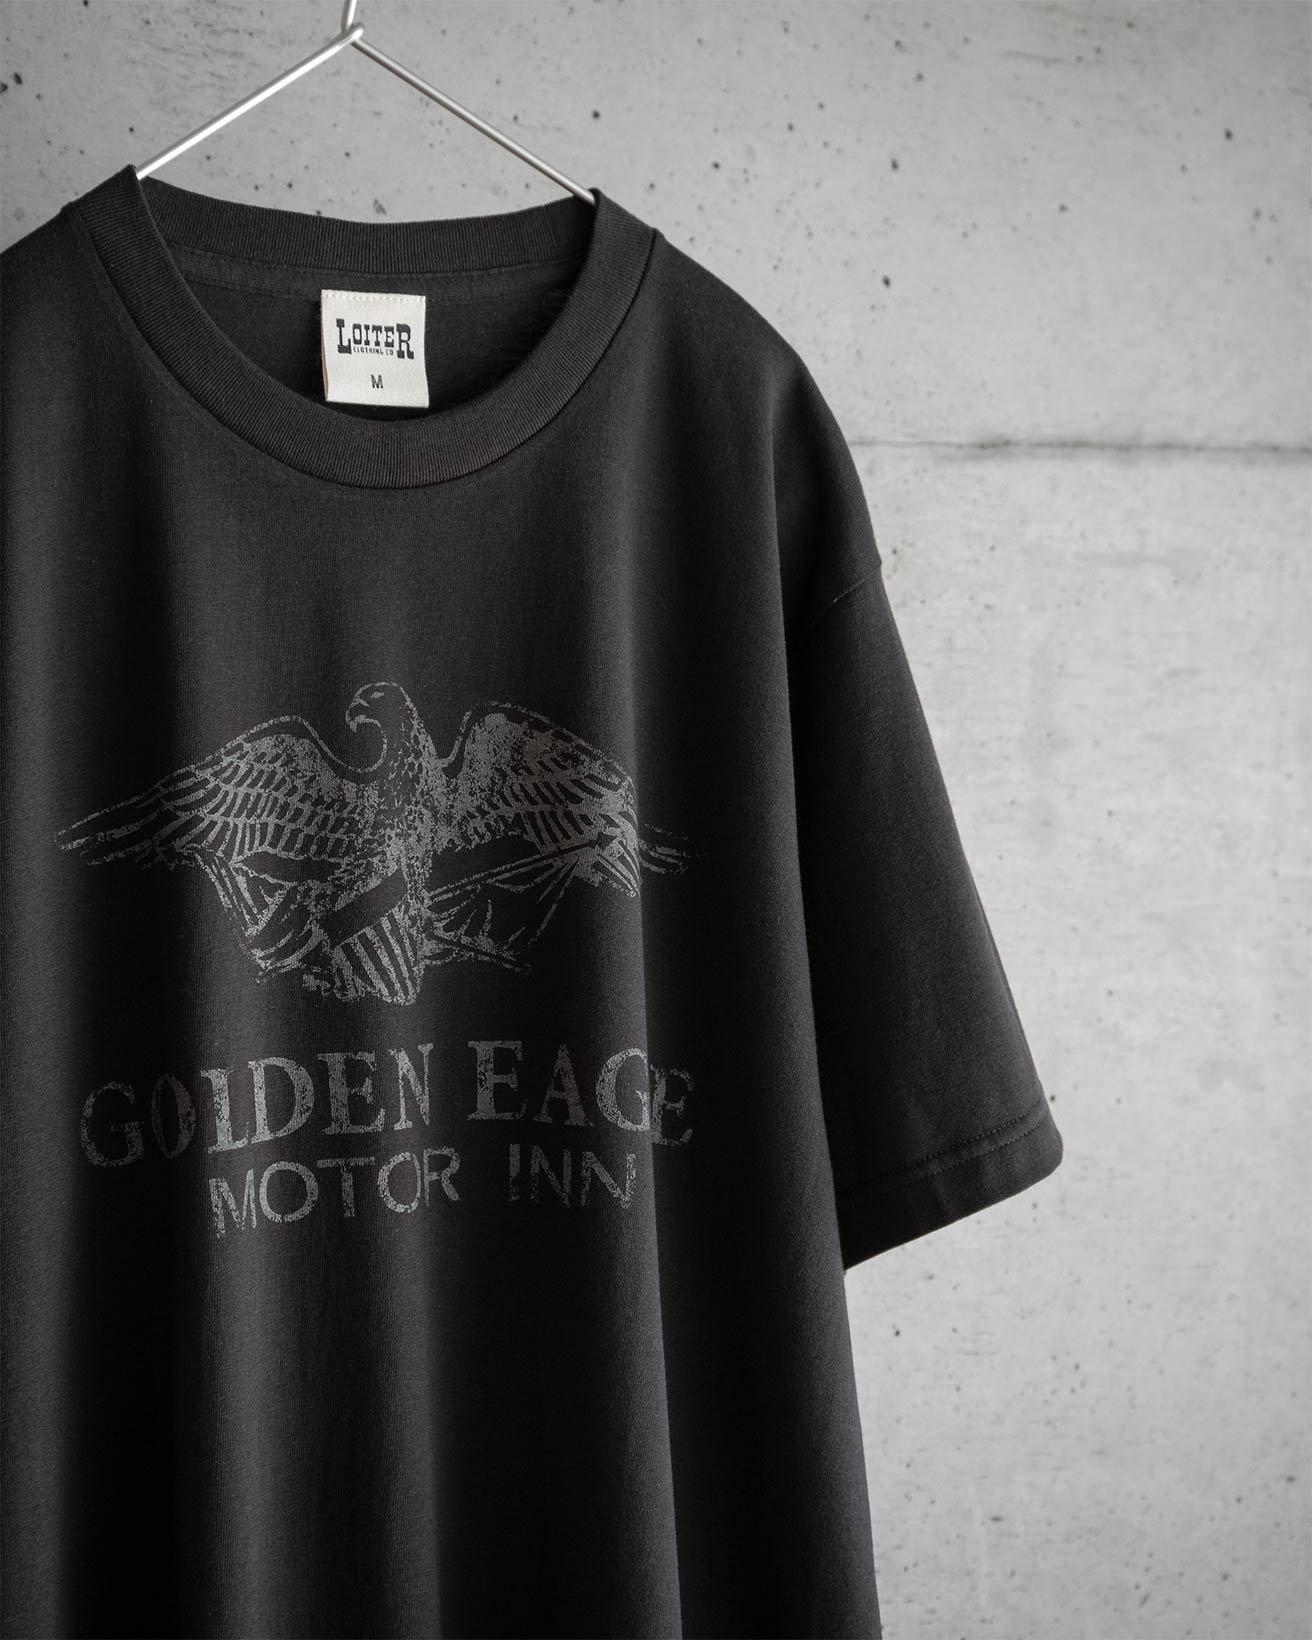 ロイター golden eagle inn ヴィンテージTシャツ